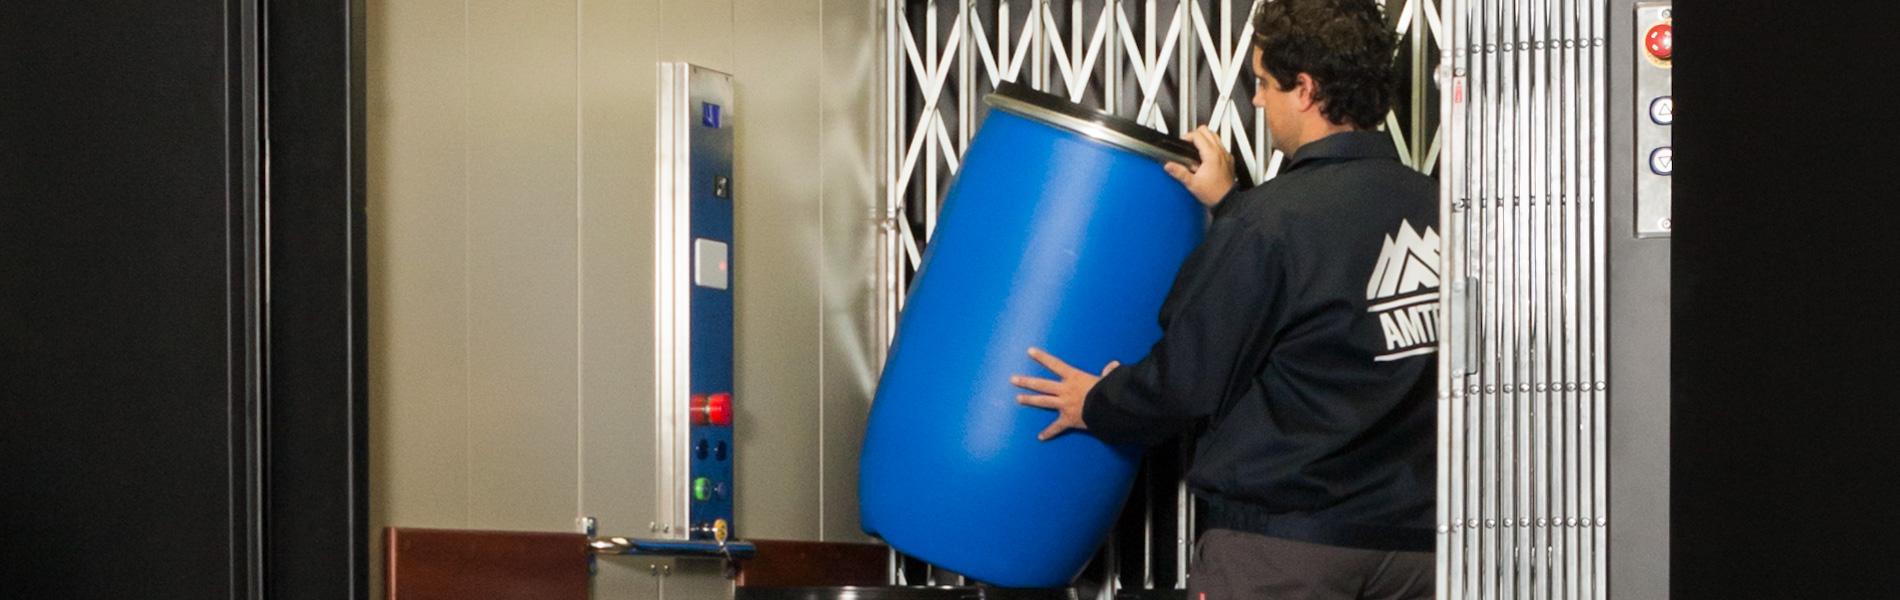 Carga + acompañante. Boxlift Pro